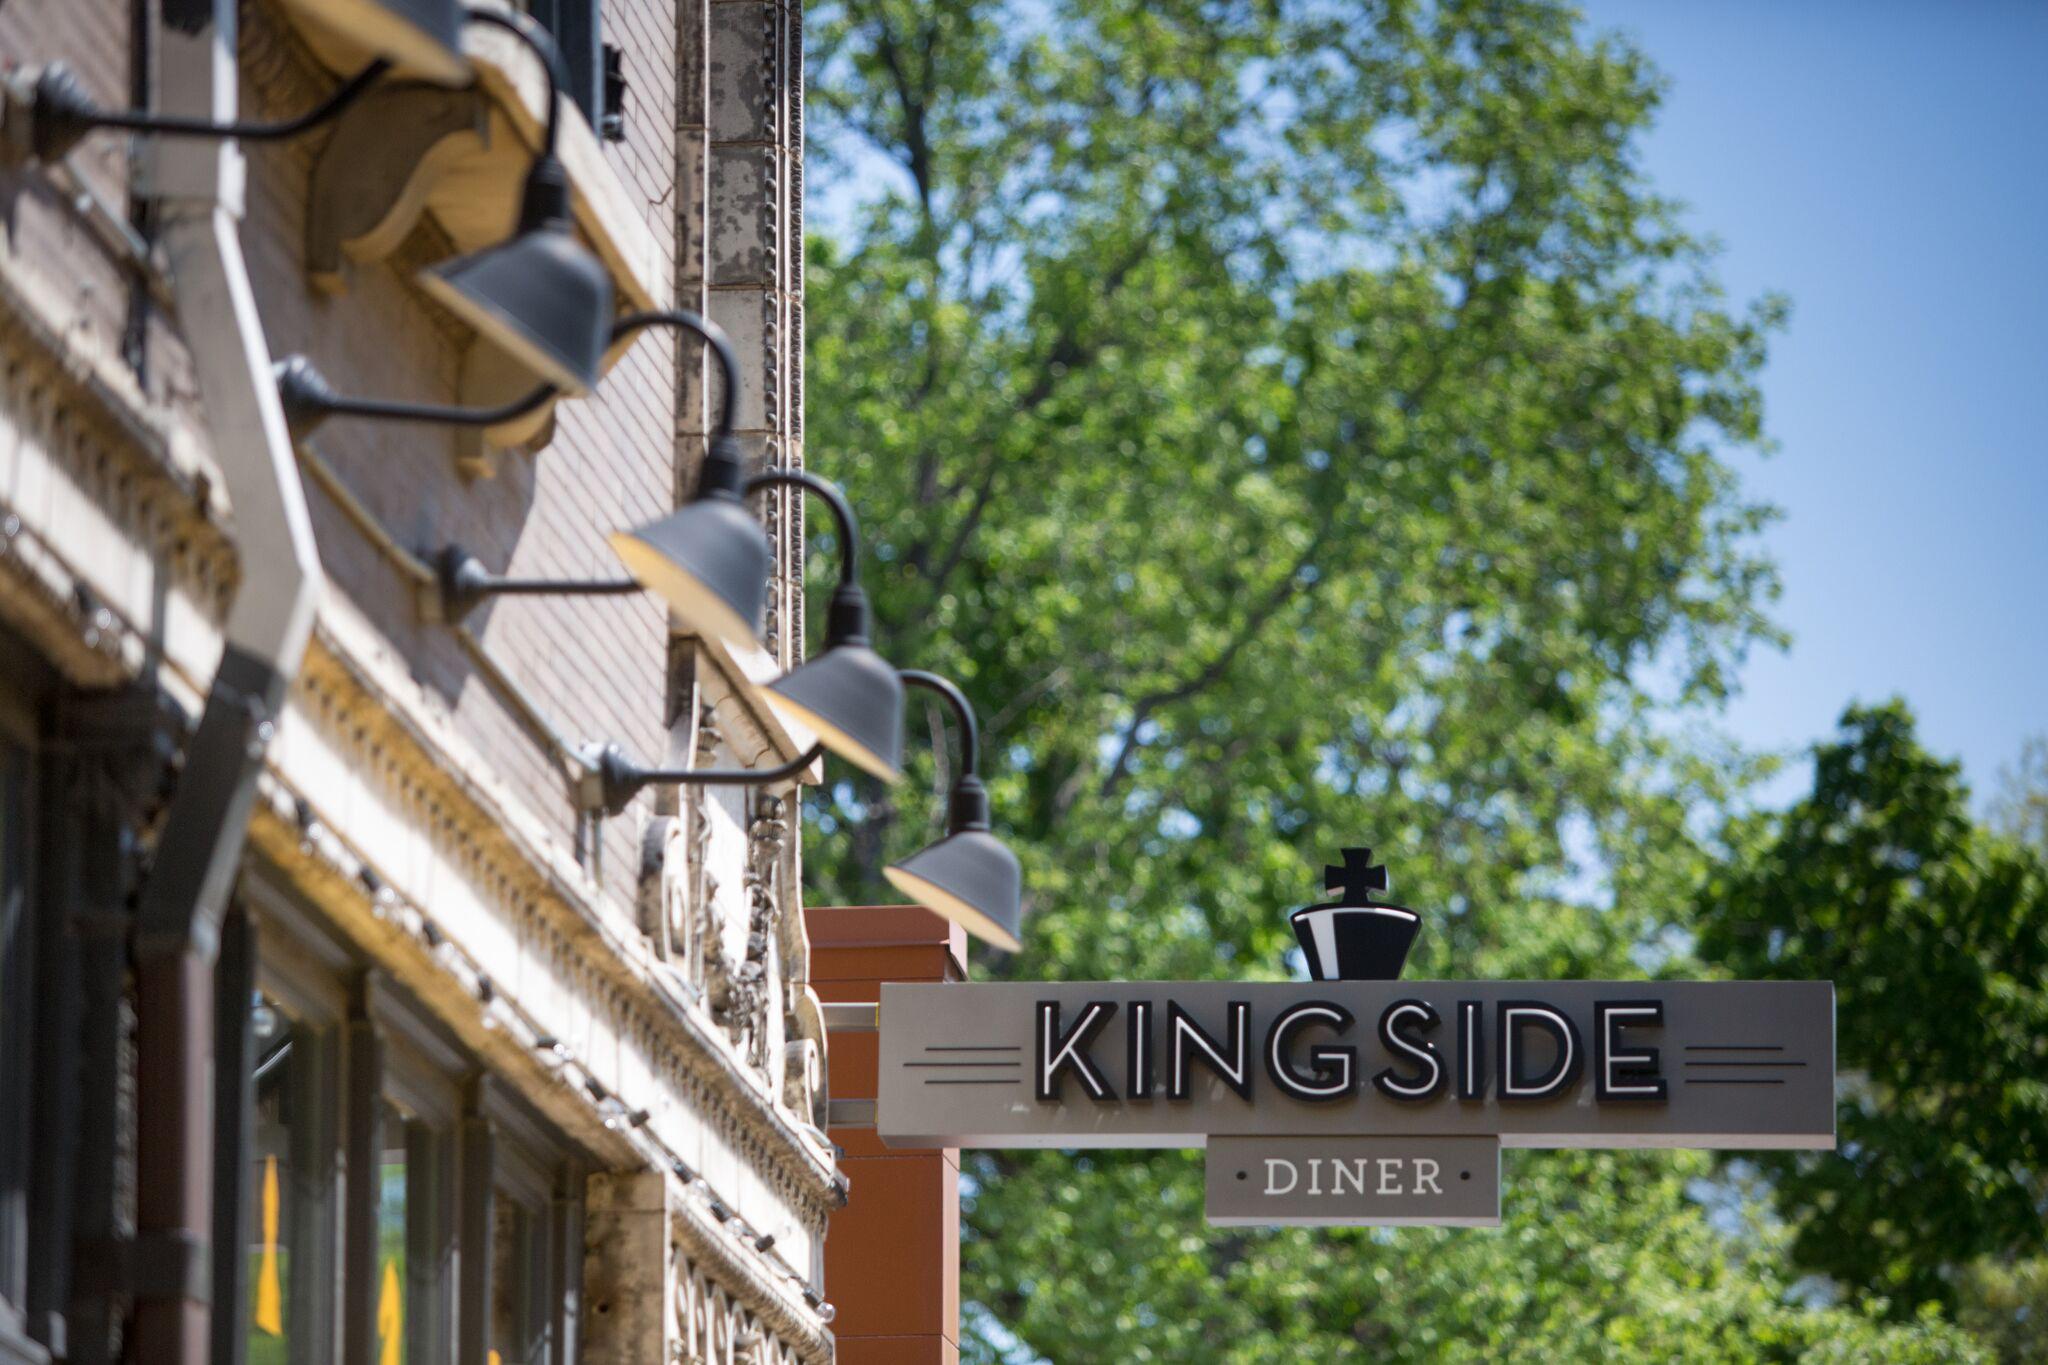 Kingside Diner